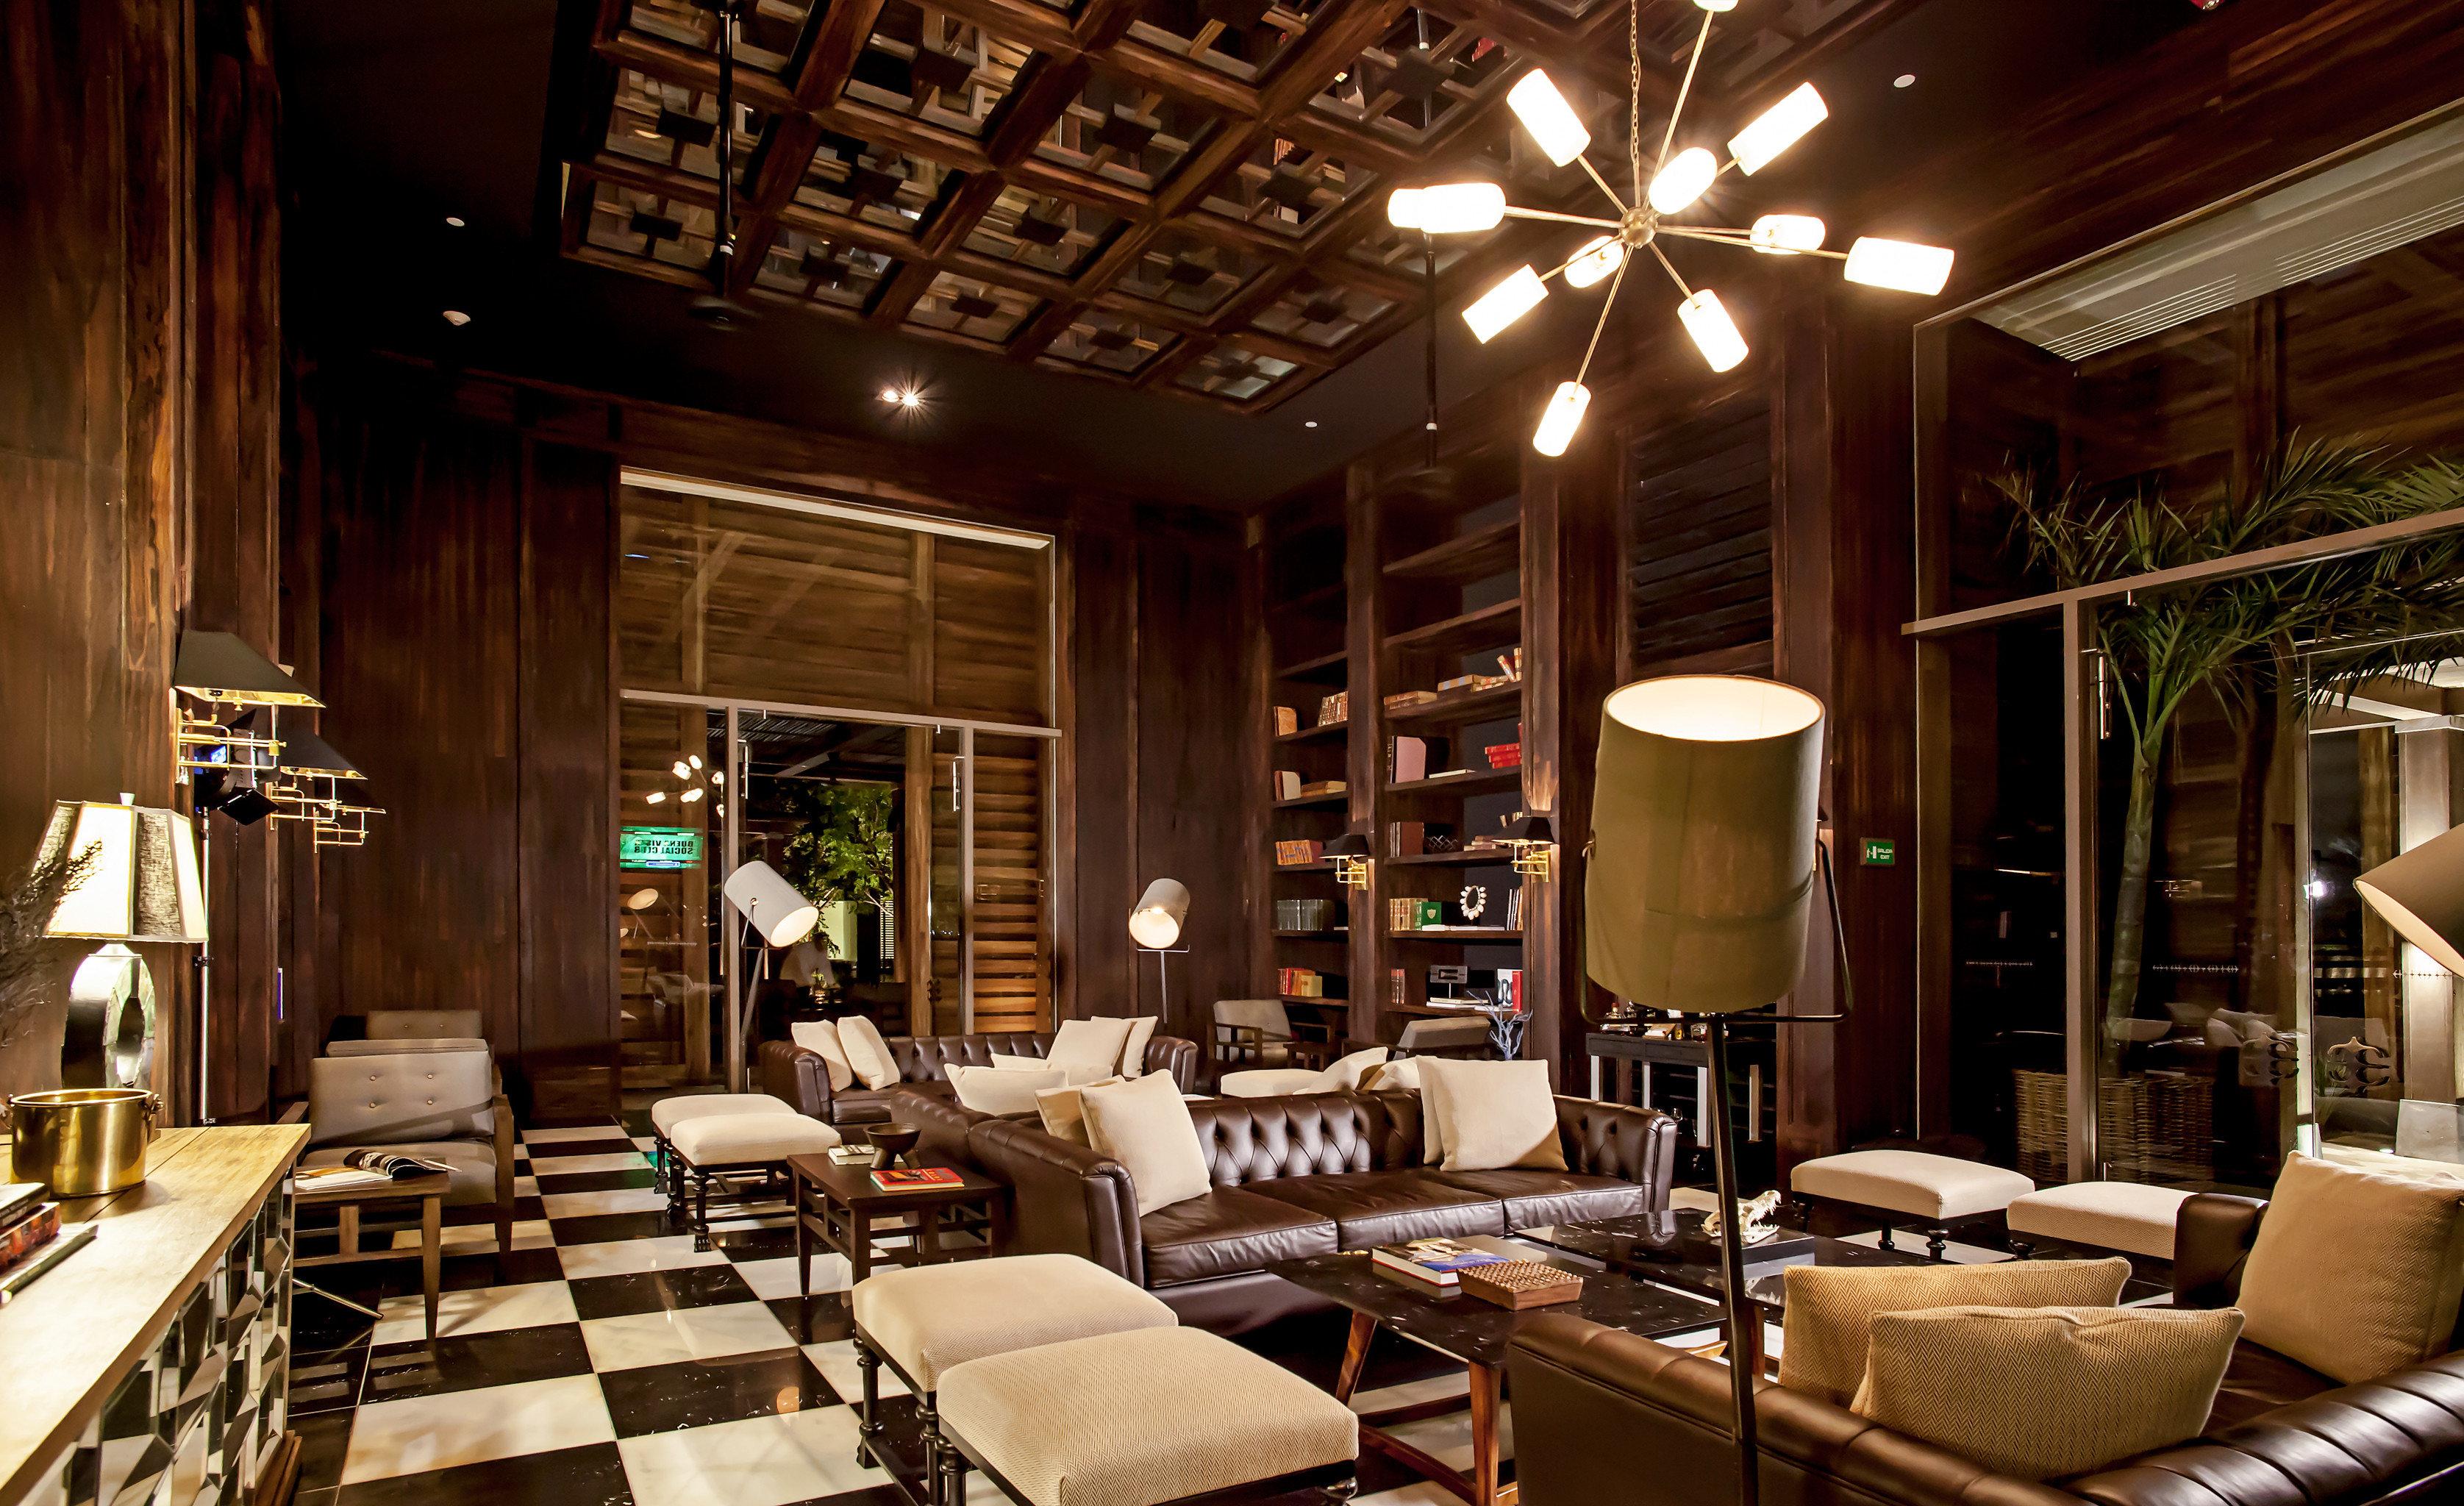 Bar Lounge Luxury Modern Lobby restaurant living room home lighting